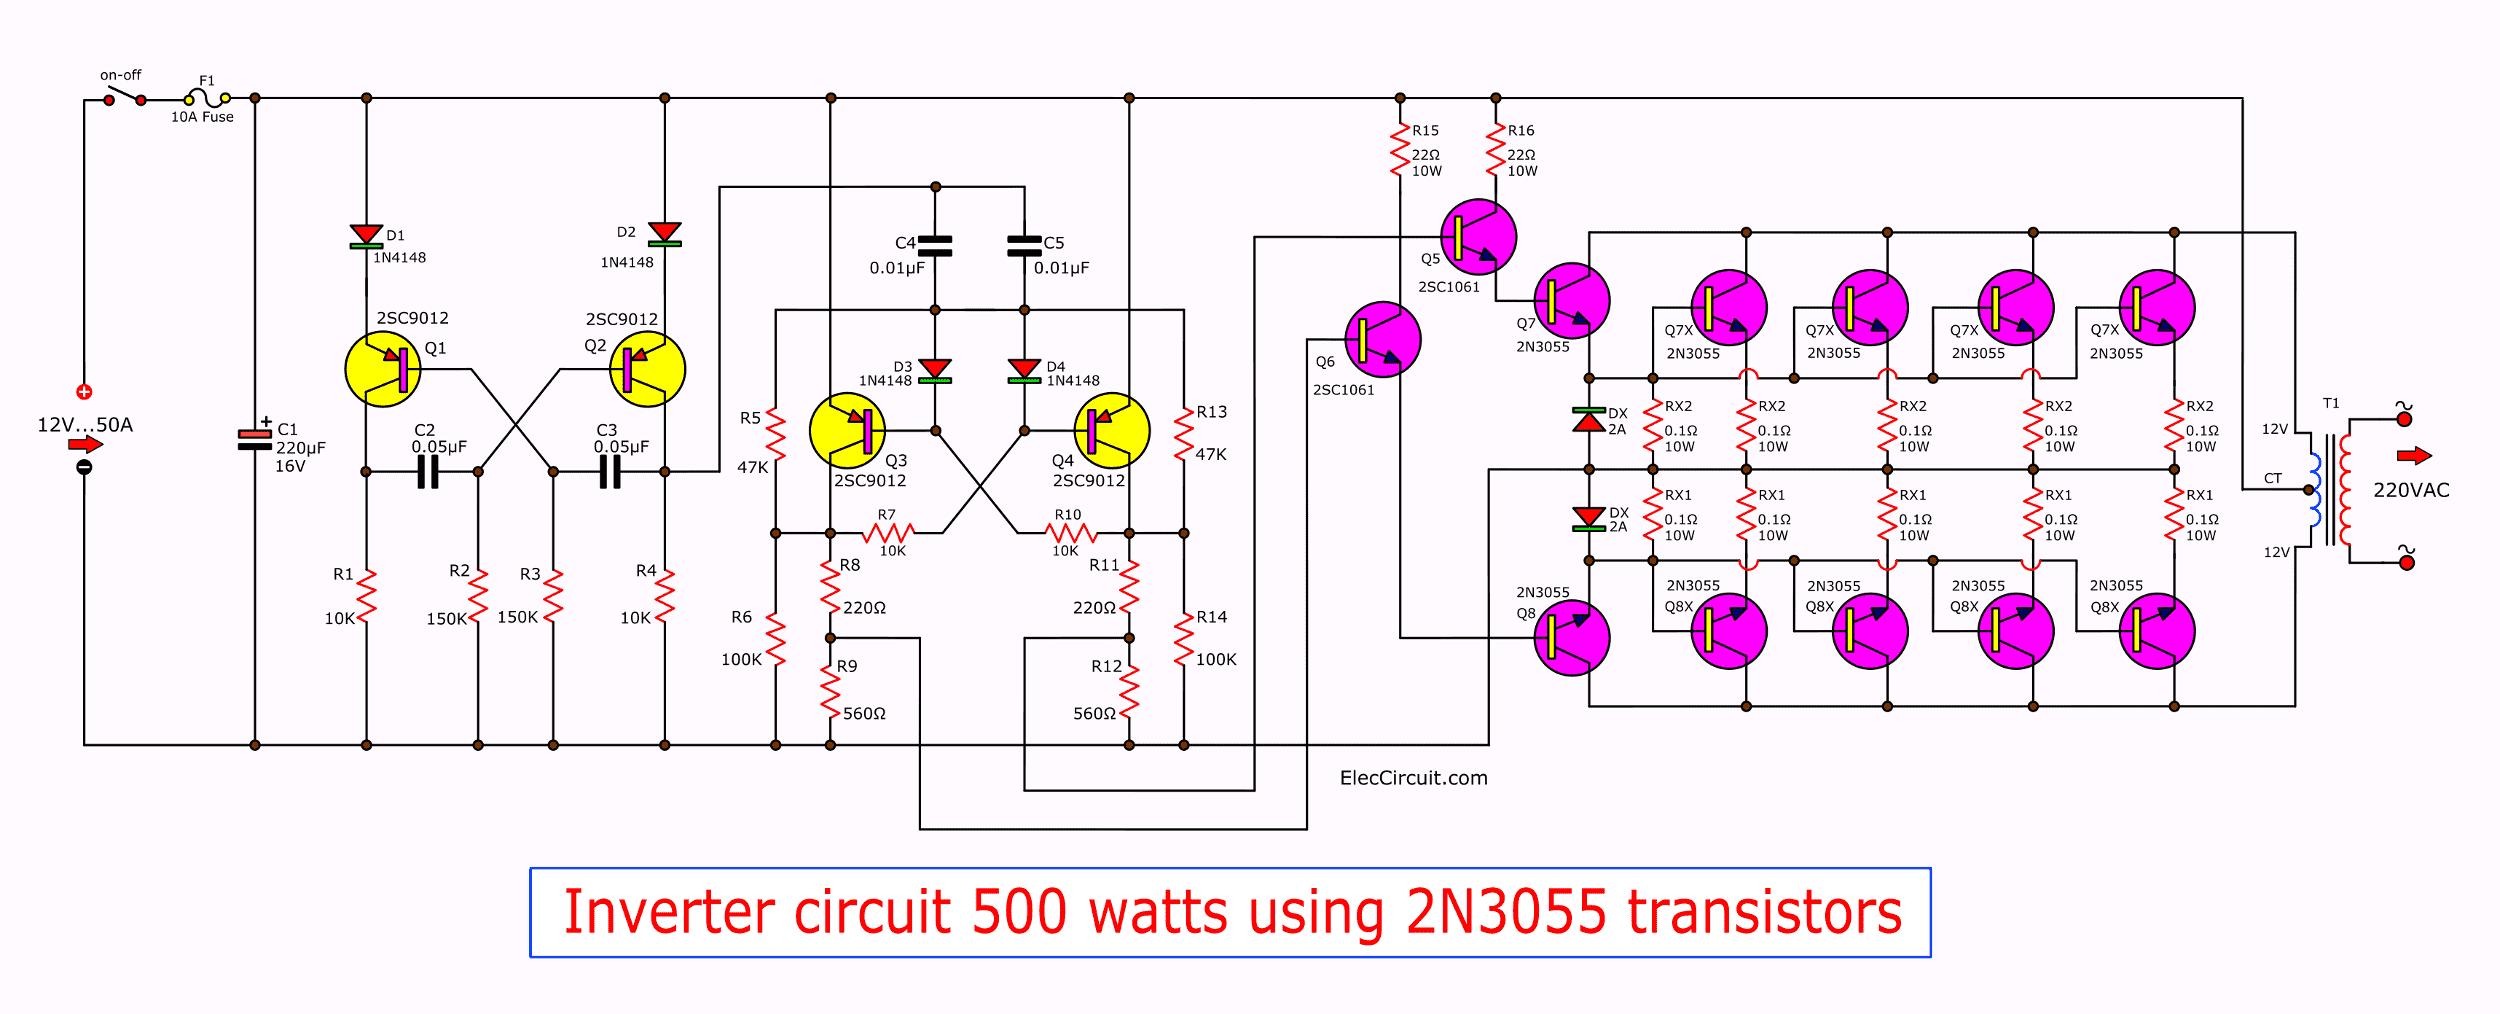 Inverter circuit 500w, 12V to 220V - ElecCircuit